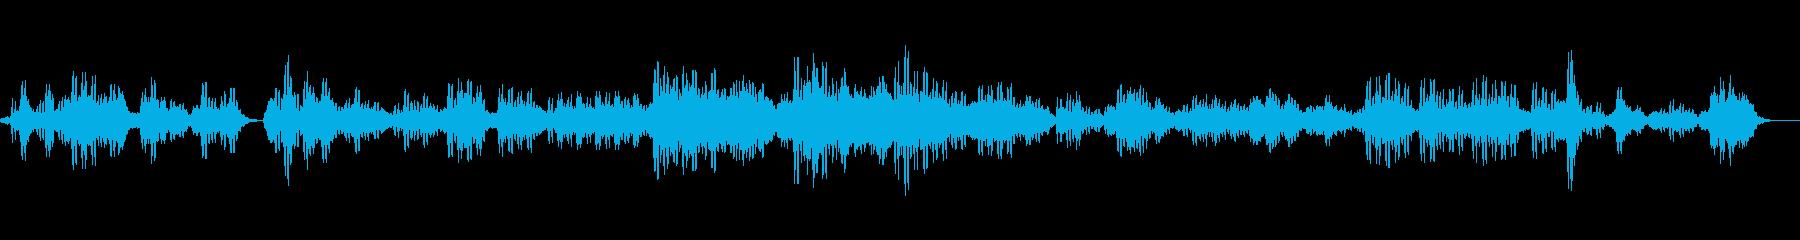 永遠の世界をイメージしたヒーリングBGMの再生済みの波形